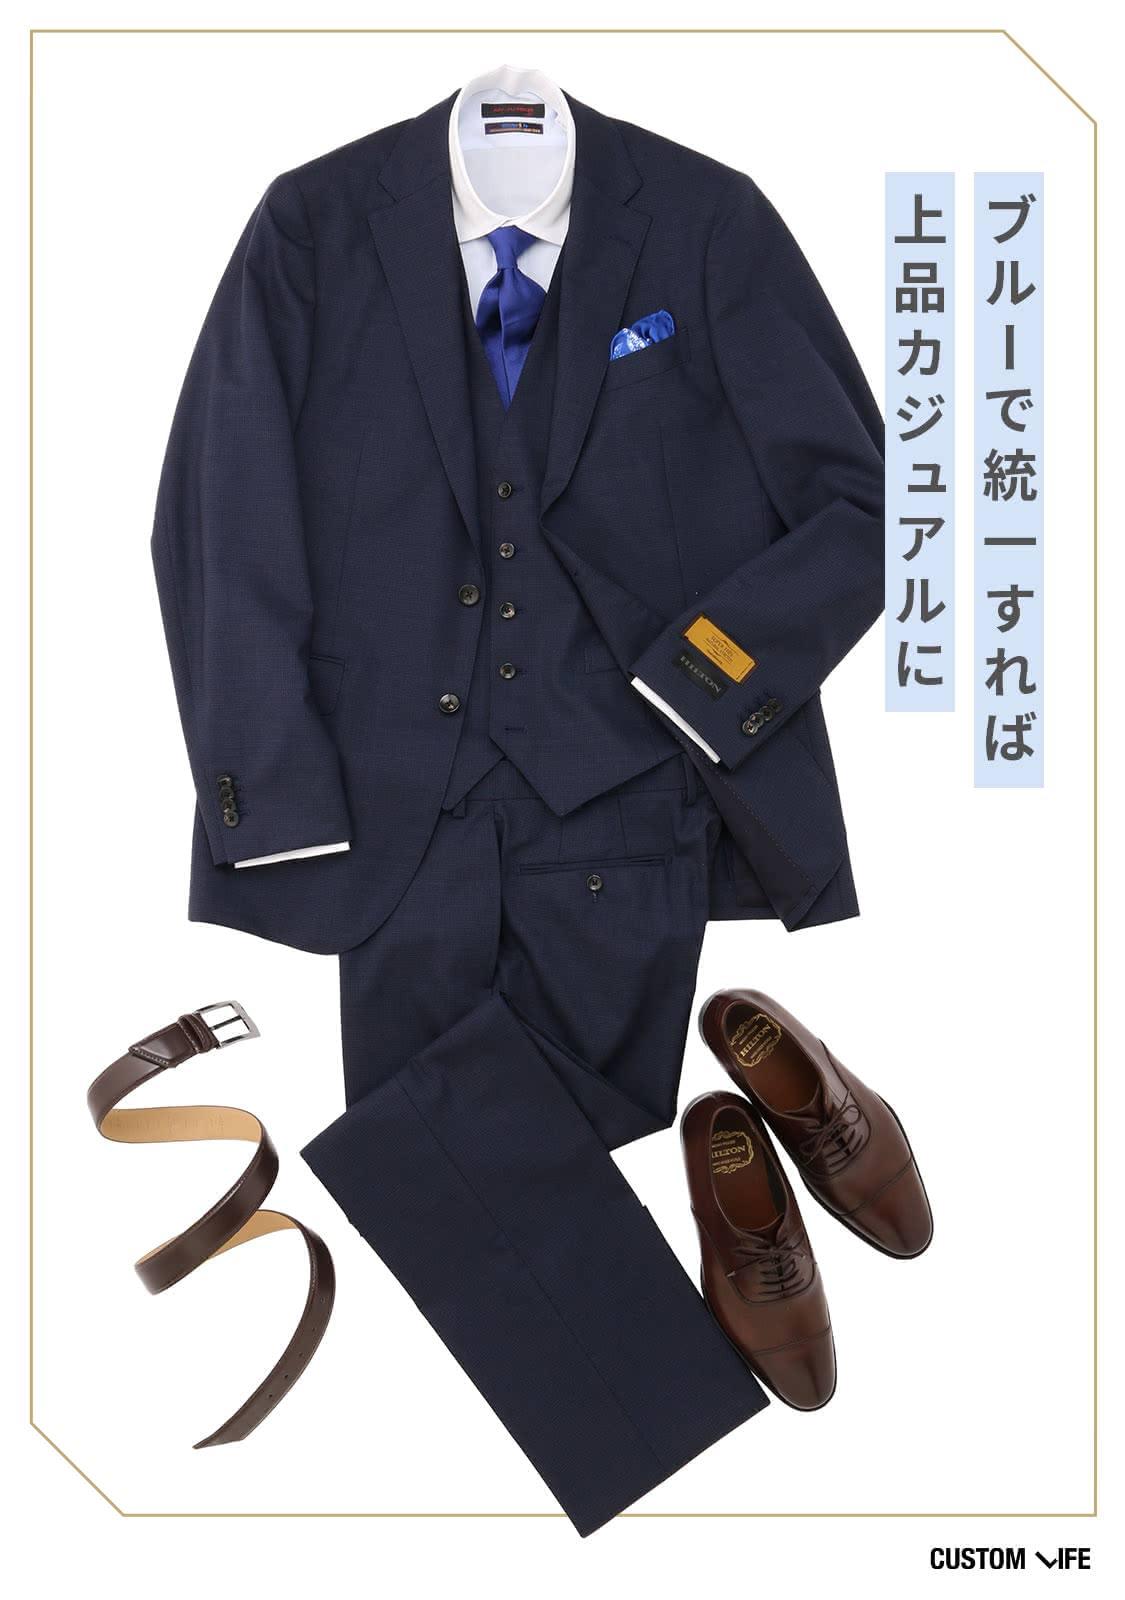 ネイビースーツにブルーのネクタイ